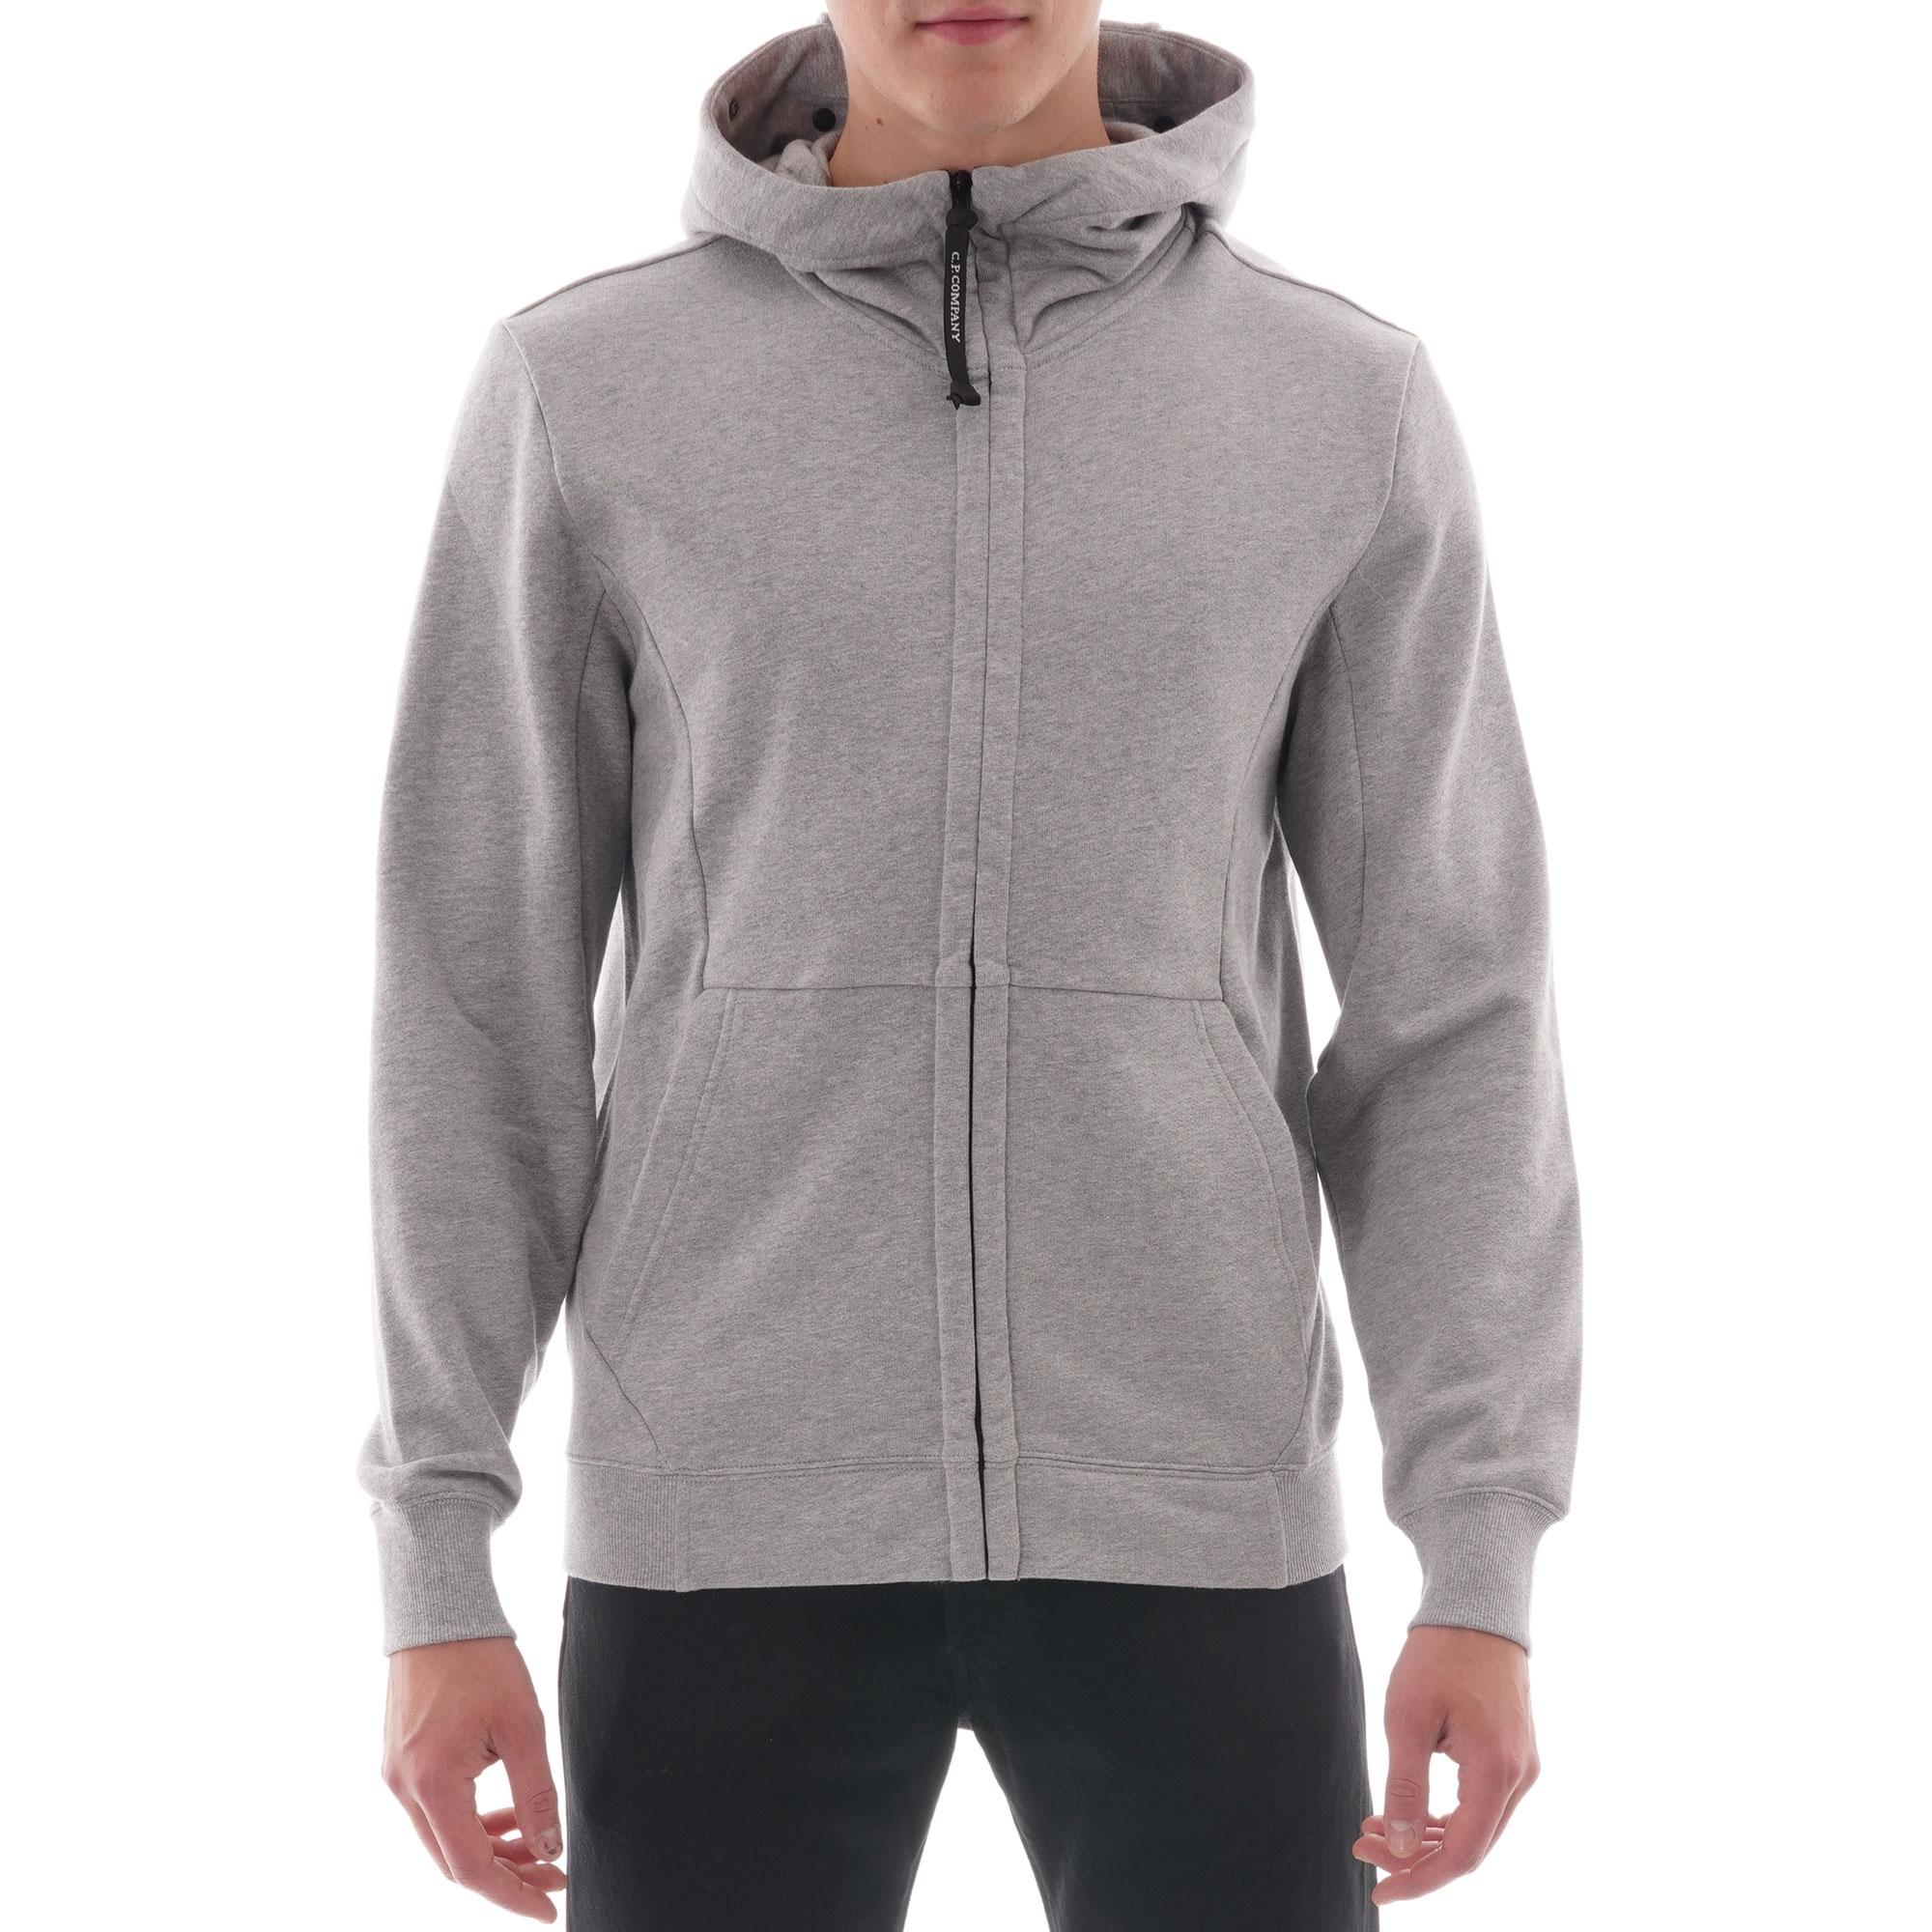 Image of Diagonal Raised Fleece Goggle Full Zip Hoodie - Grey